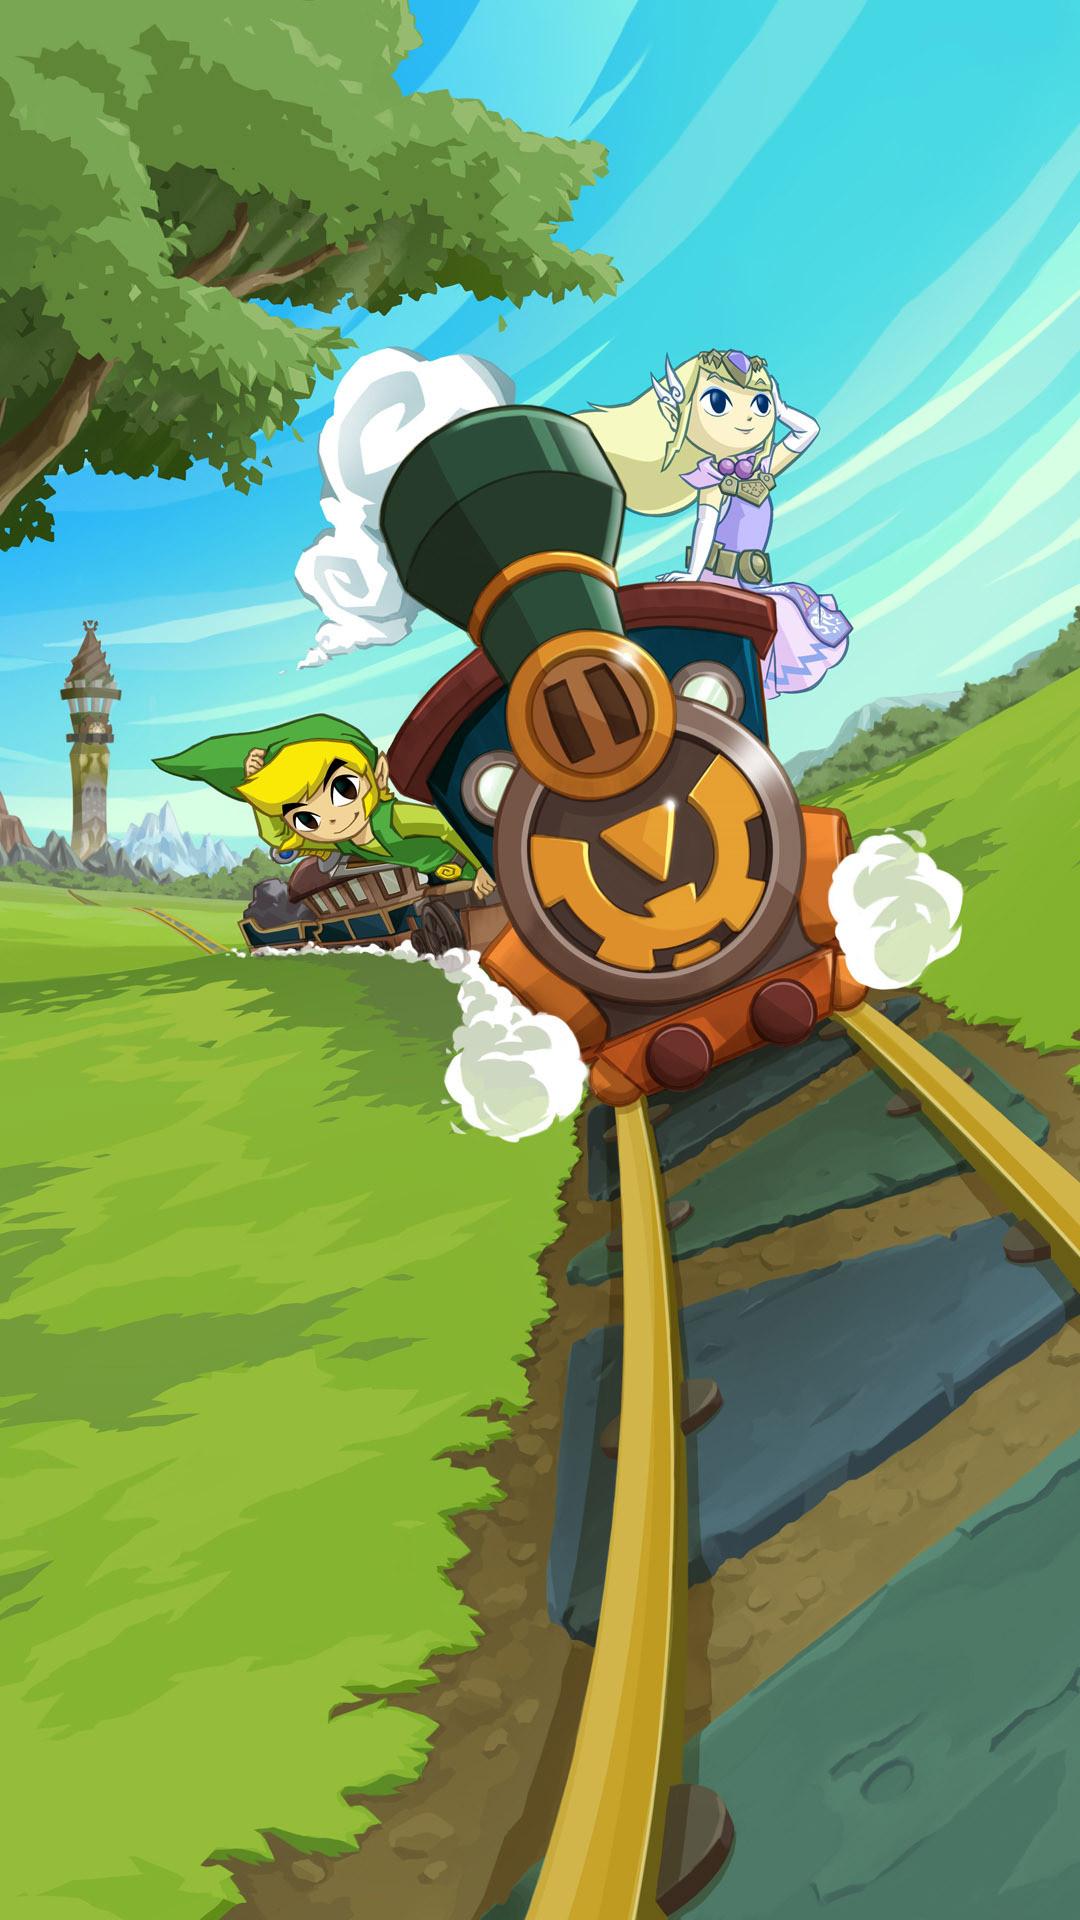 Legend of Zelda iPhone Wallpaper (74+ images)